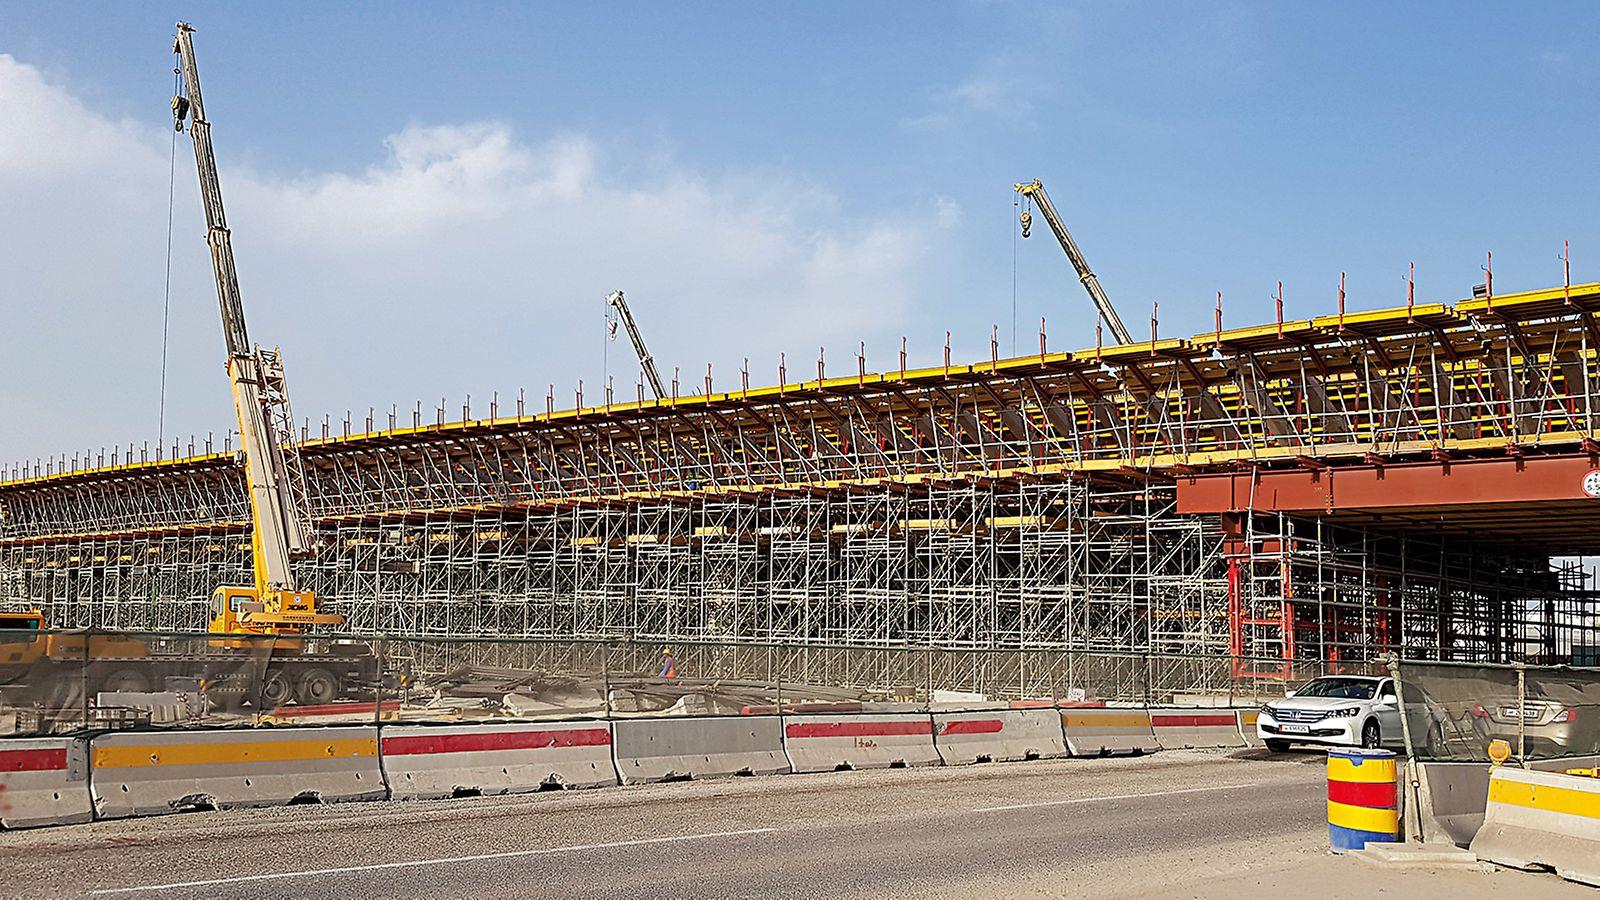 Die PERI Systemlösung wurde speziell an die Gegebenheiten vor Ort zugeschnitten, denn eine große Herausforderung war, dass die Brückenbauarbeiten ohne große Verkehrsbeeinträchtigung vonstattengehen sollten.